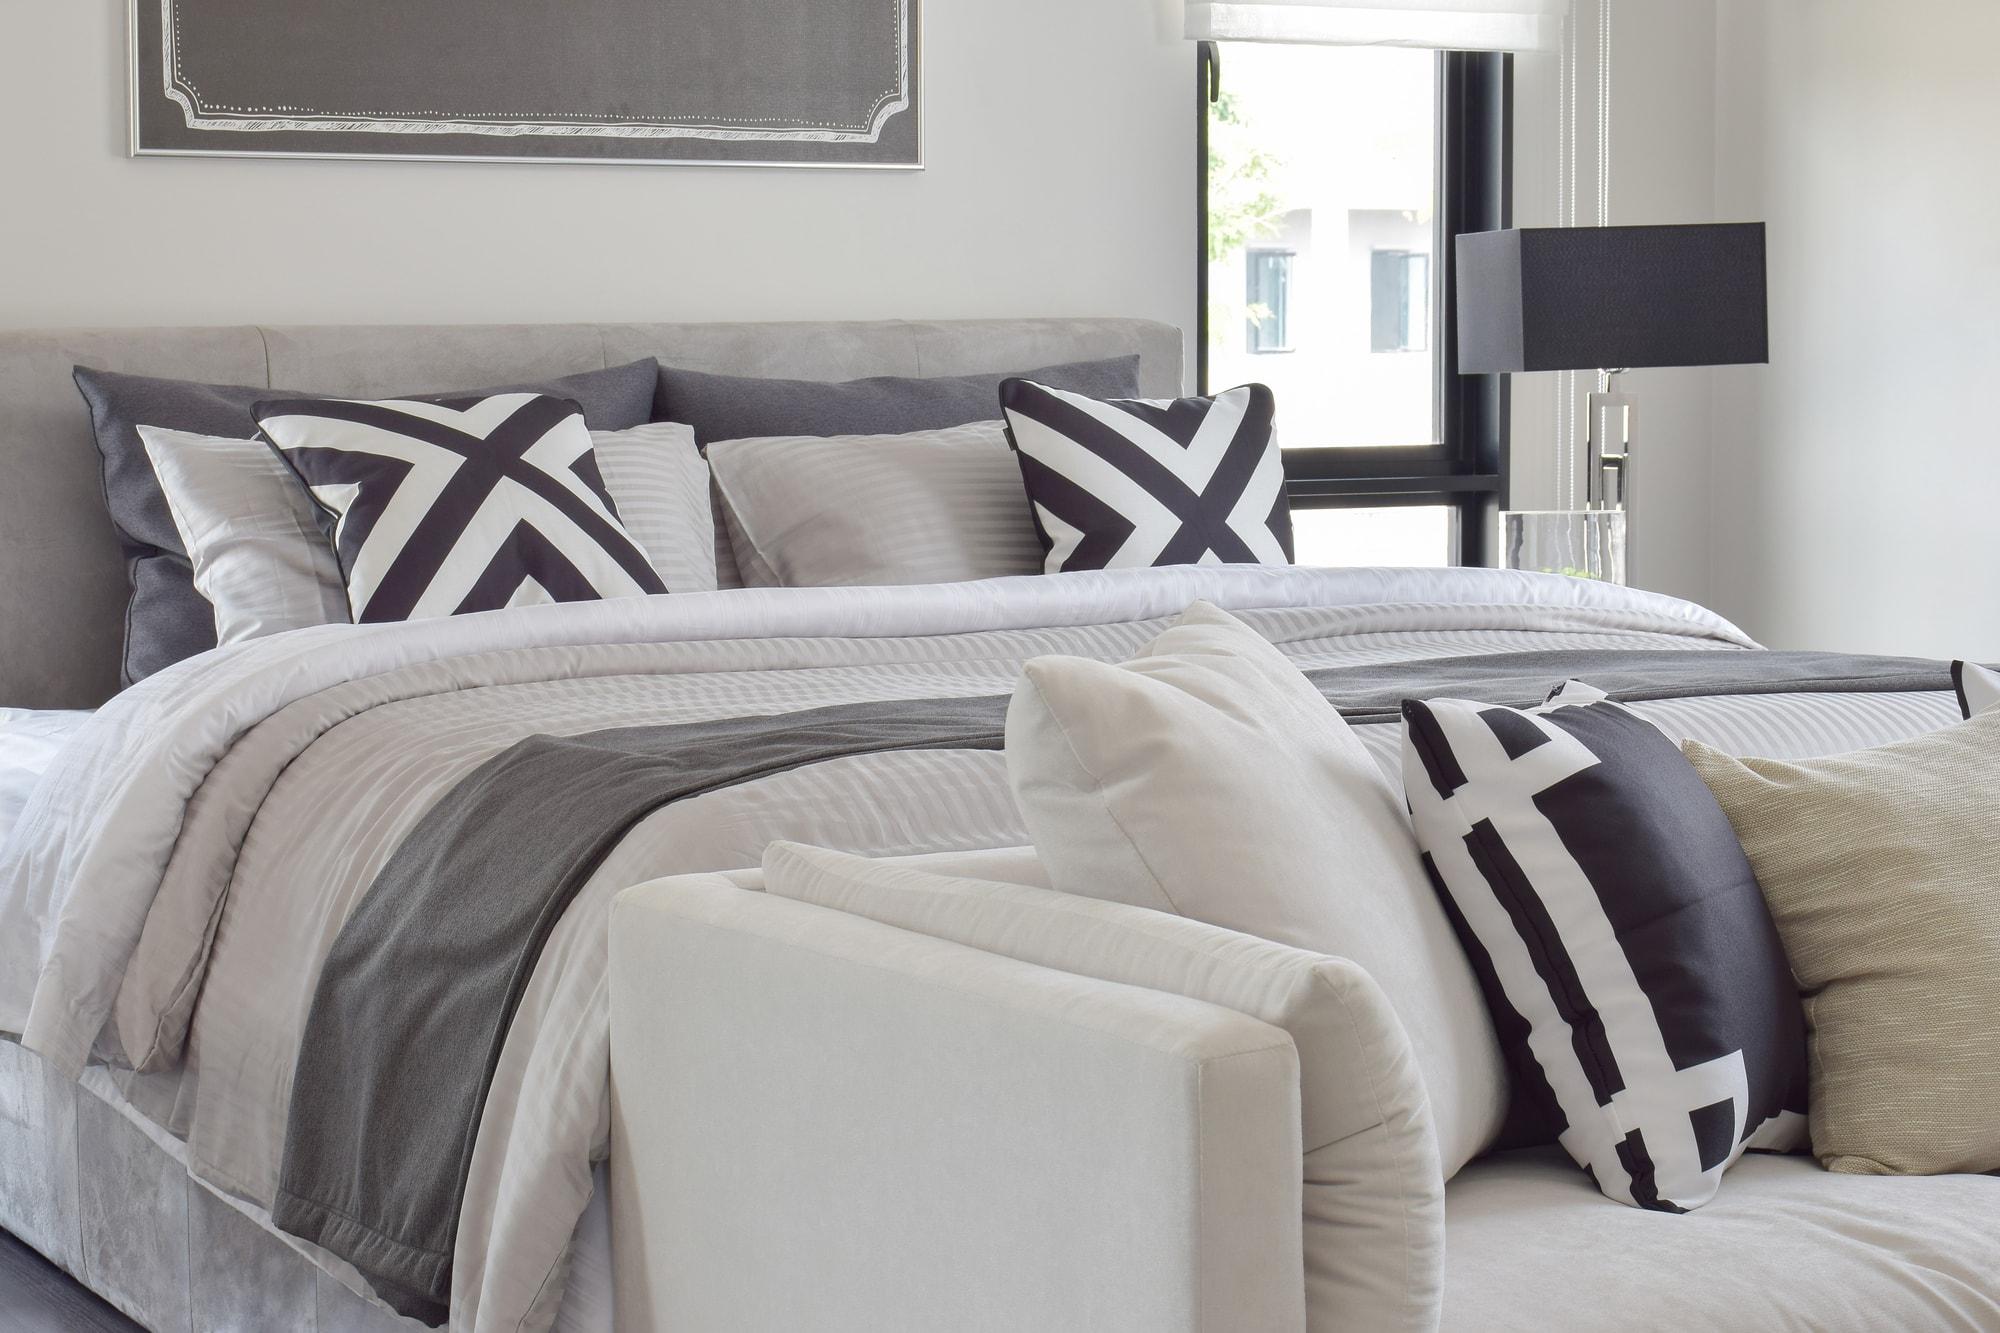 interior design companies Dorset